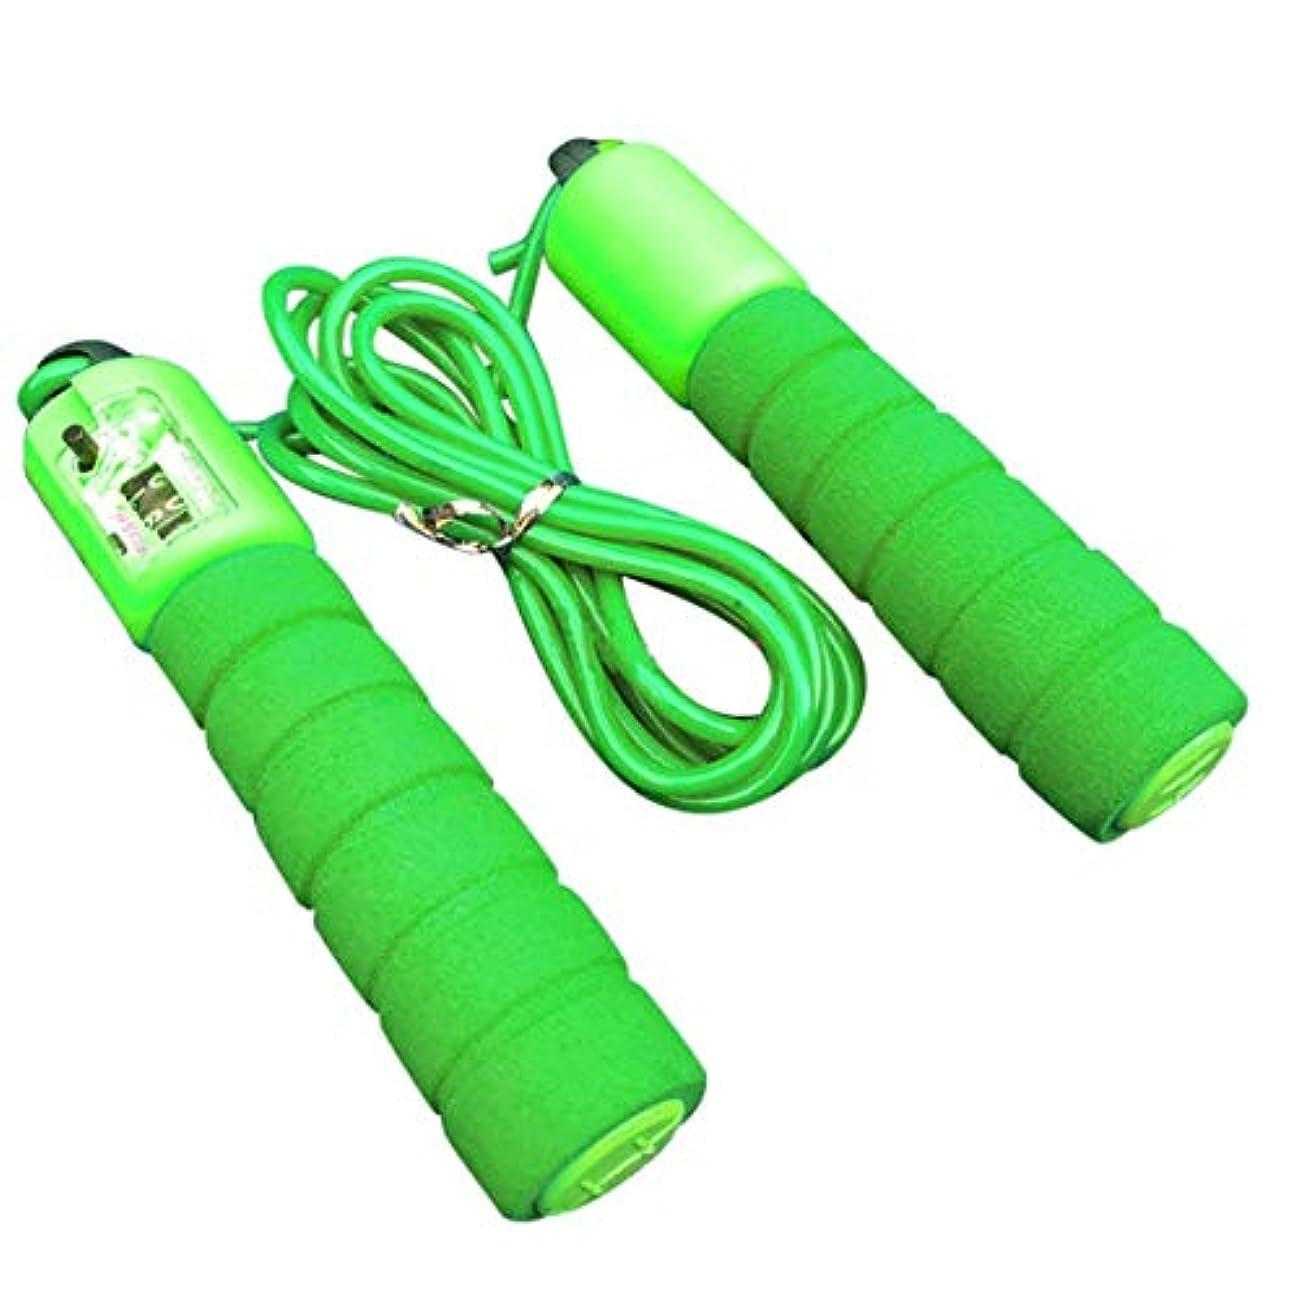 残るでも眩惑する調節可能なプロフェッショナルカウント縄跳び自動カウントジャンプロープフィットネス運動高速カウントジャンプロープ - グリーン